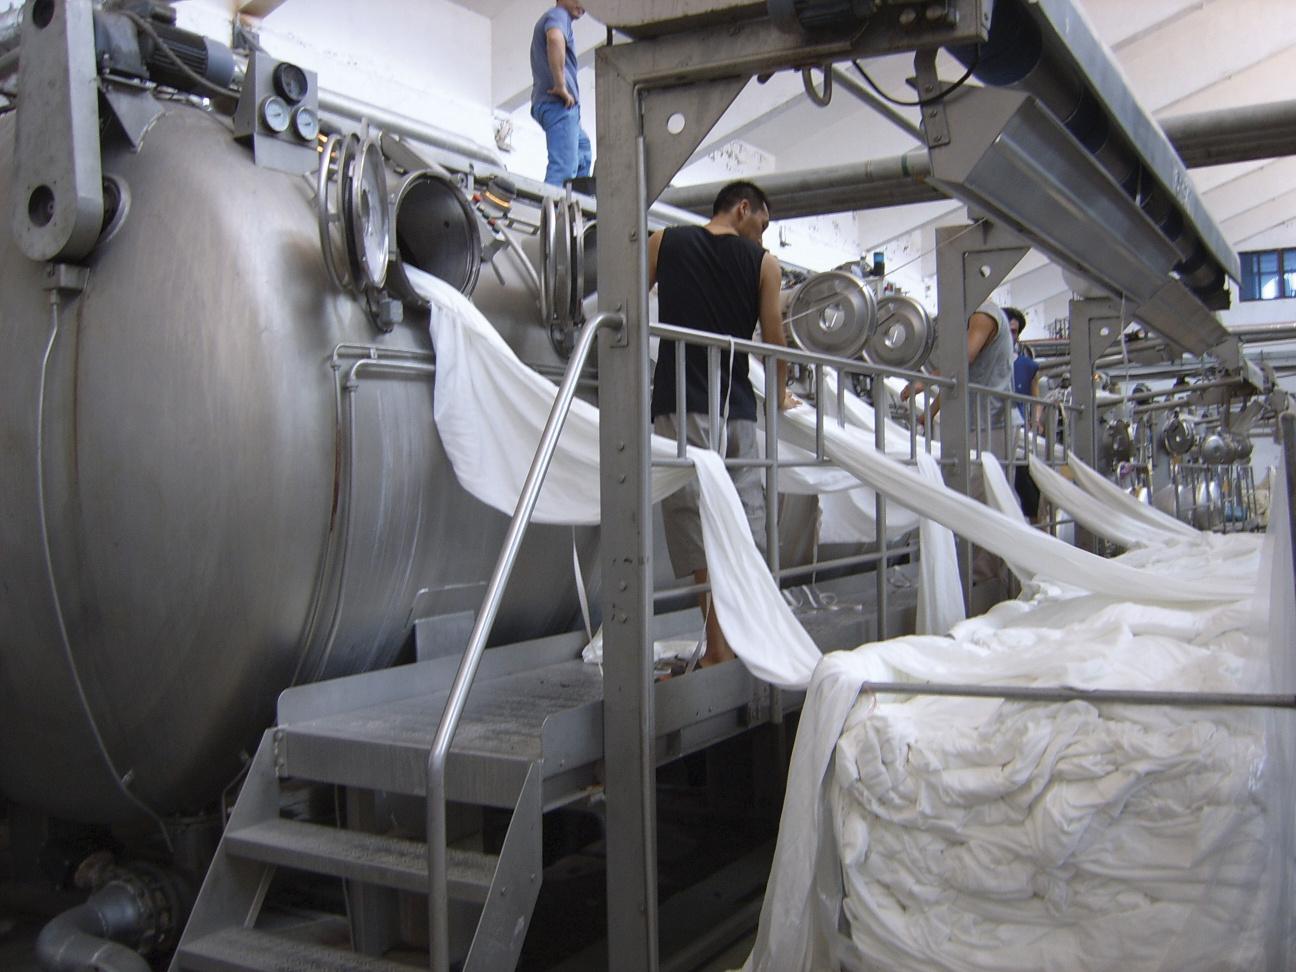 Icebreaker brand factory merino fabric